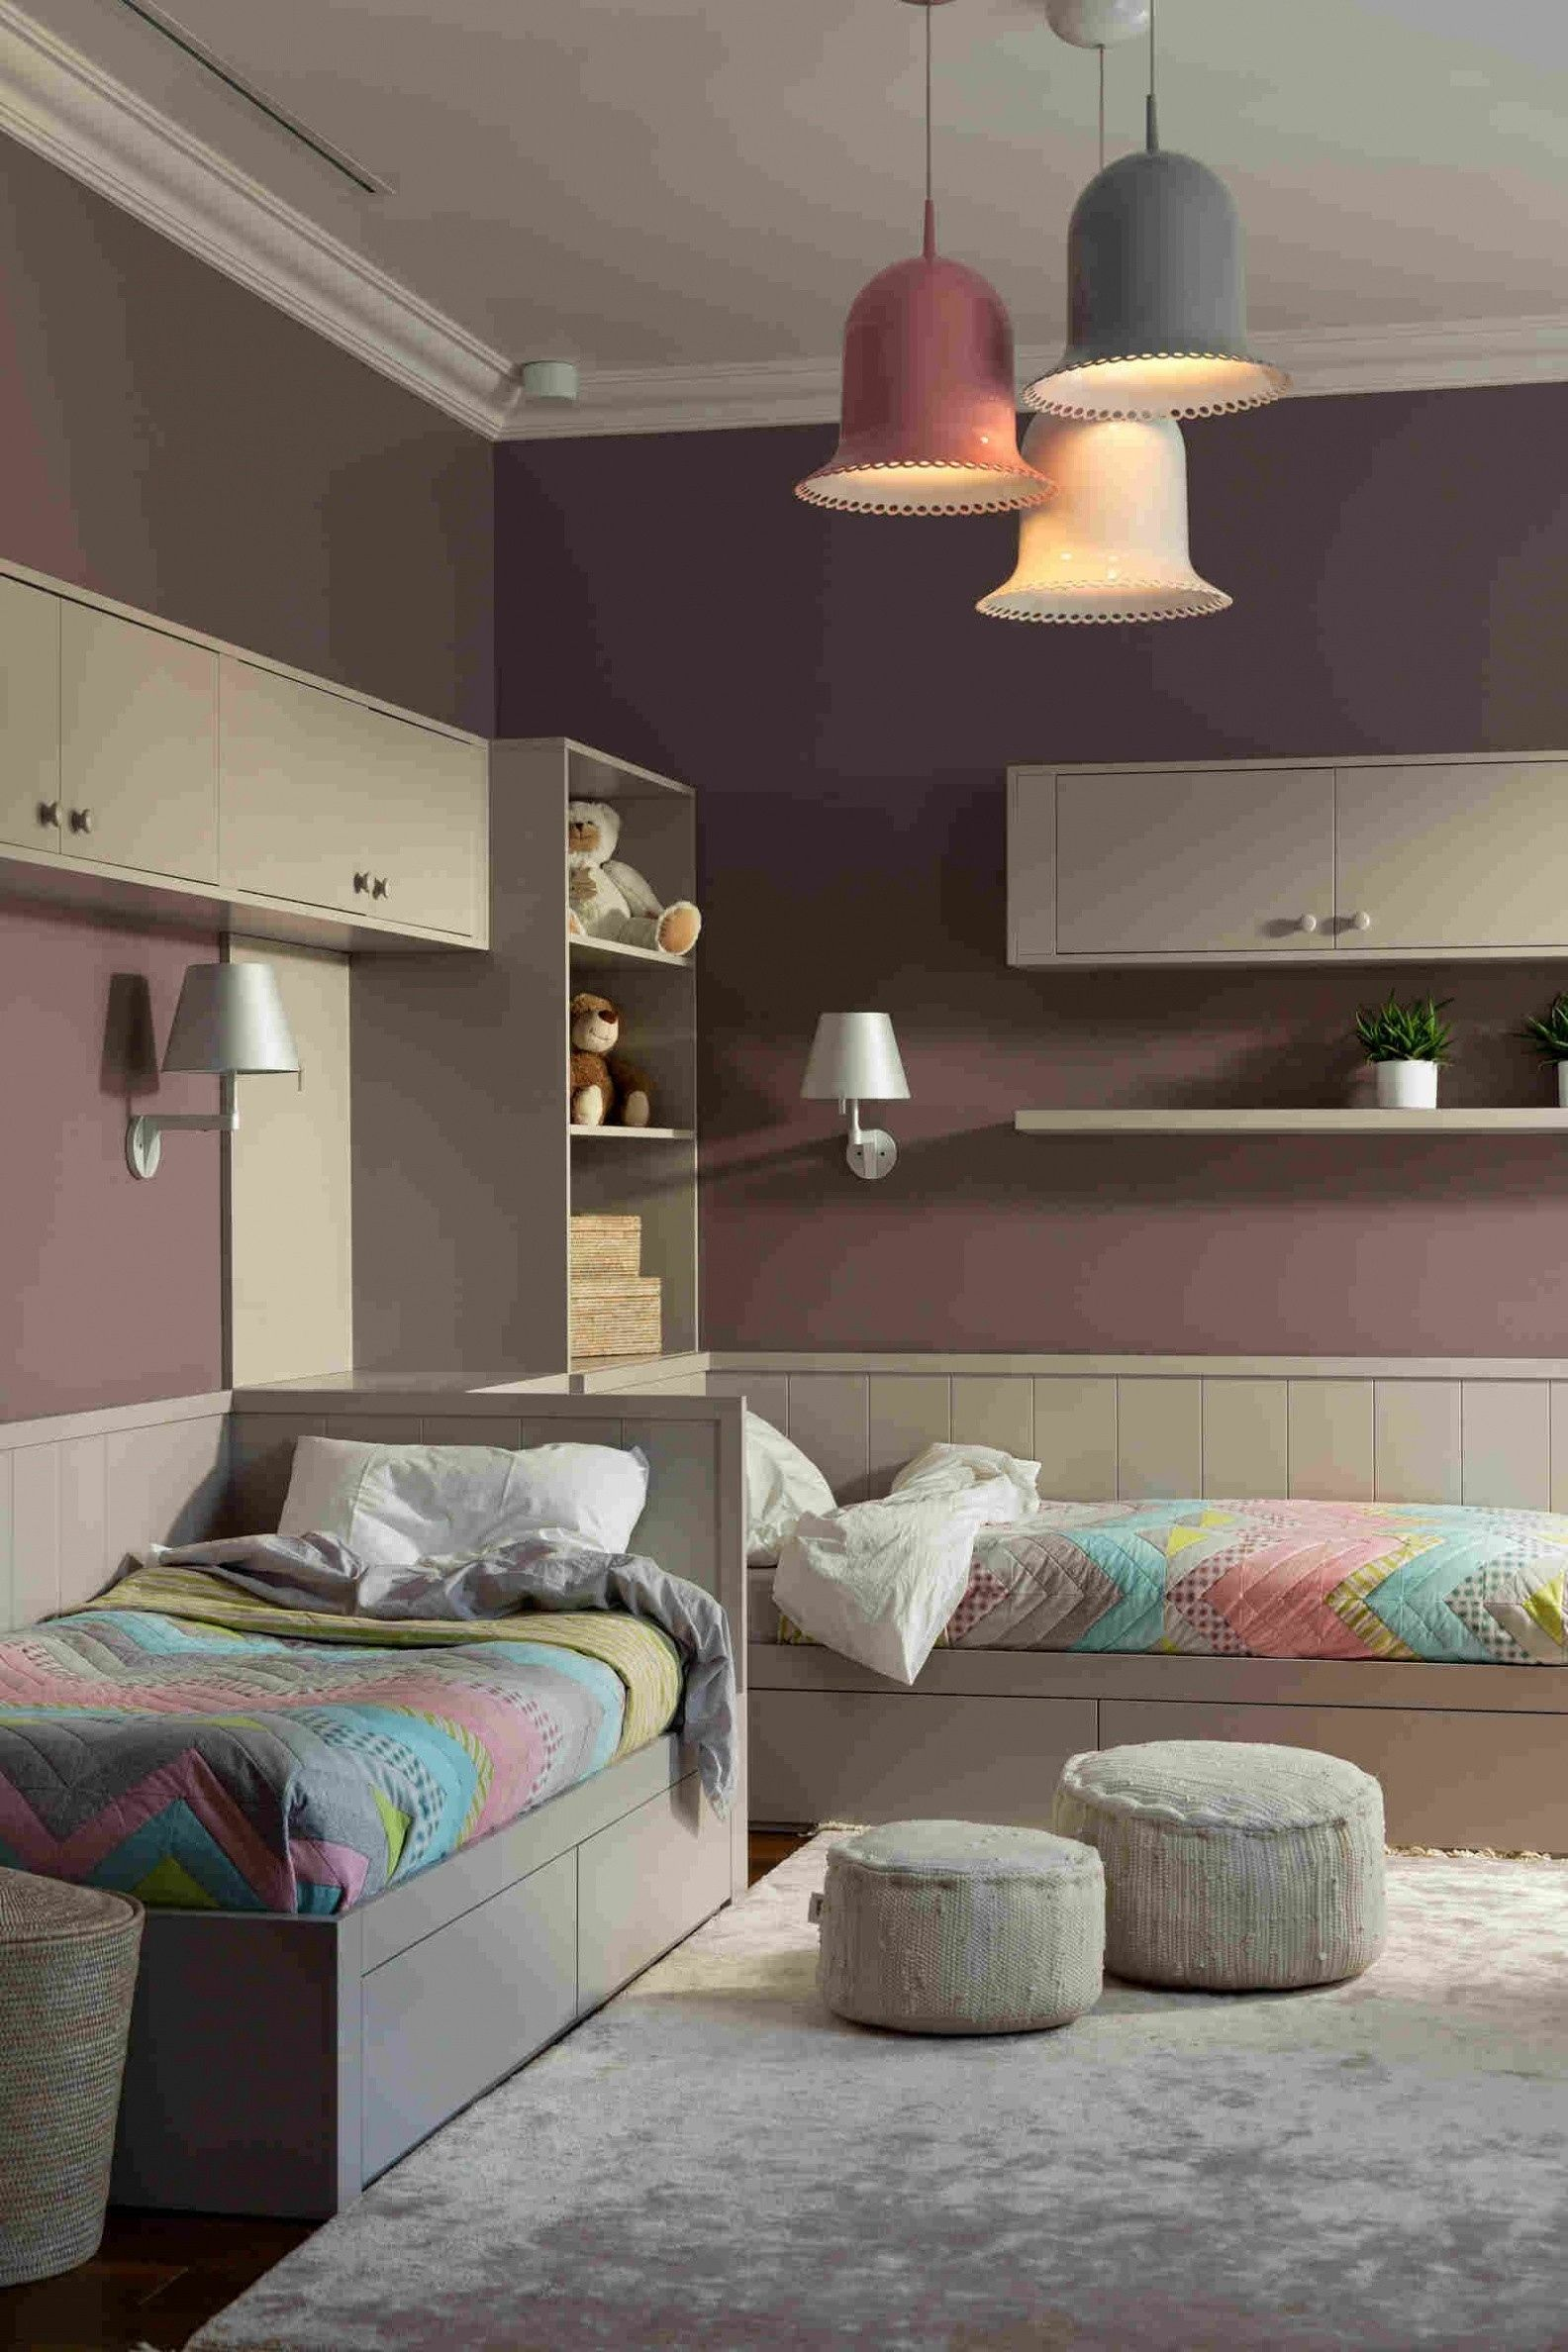 17 Idee Deco Chambre London  Idee deco chambre garcon, Deco